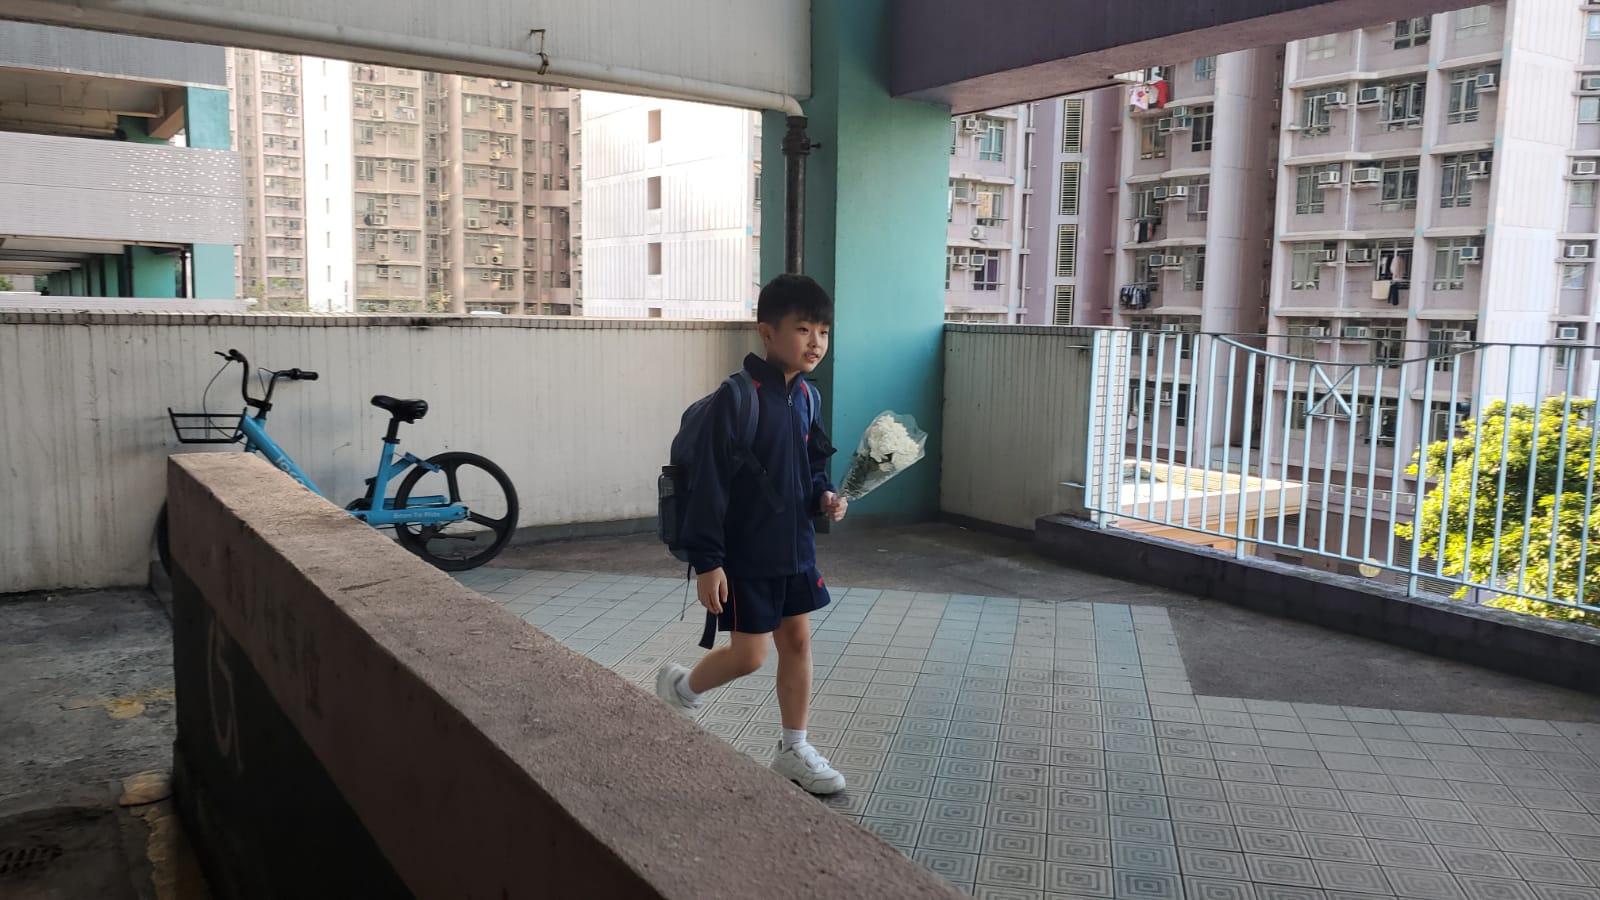 【修例风波】周梓乐堕楼现场 入夜后大批市民献花摺纸鹤悼念